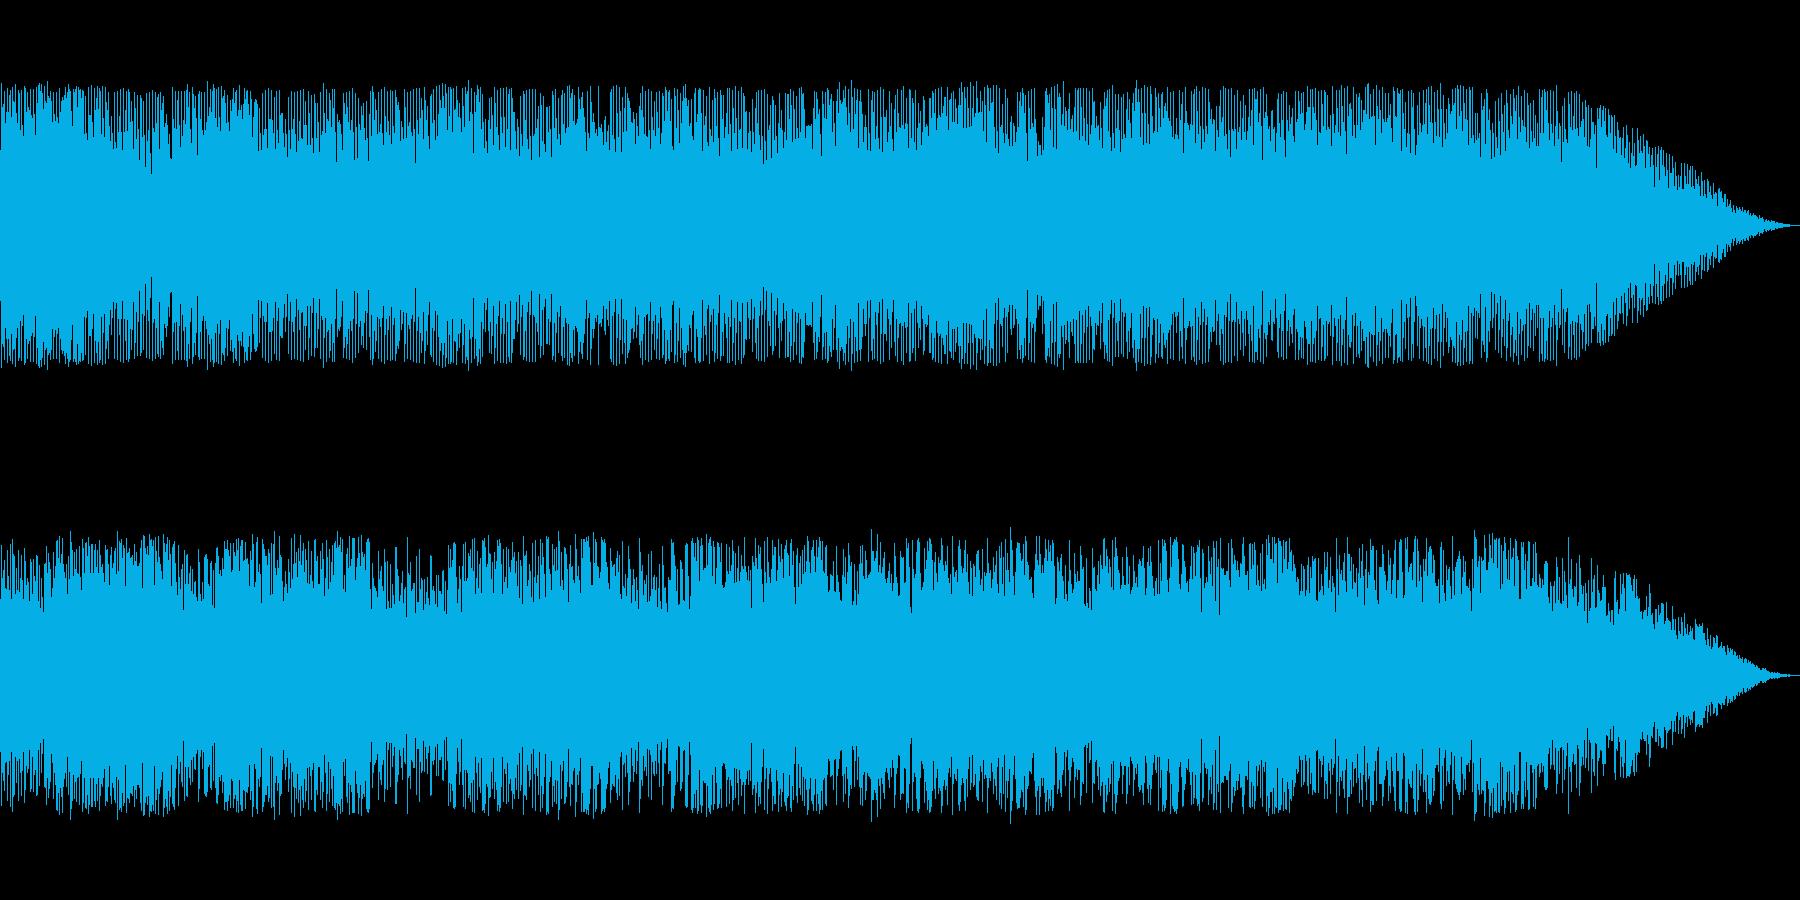 サイバースペース VR リズムトラックの再生済みの波形